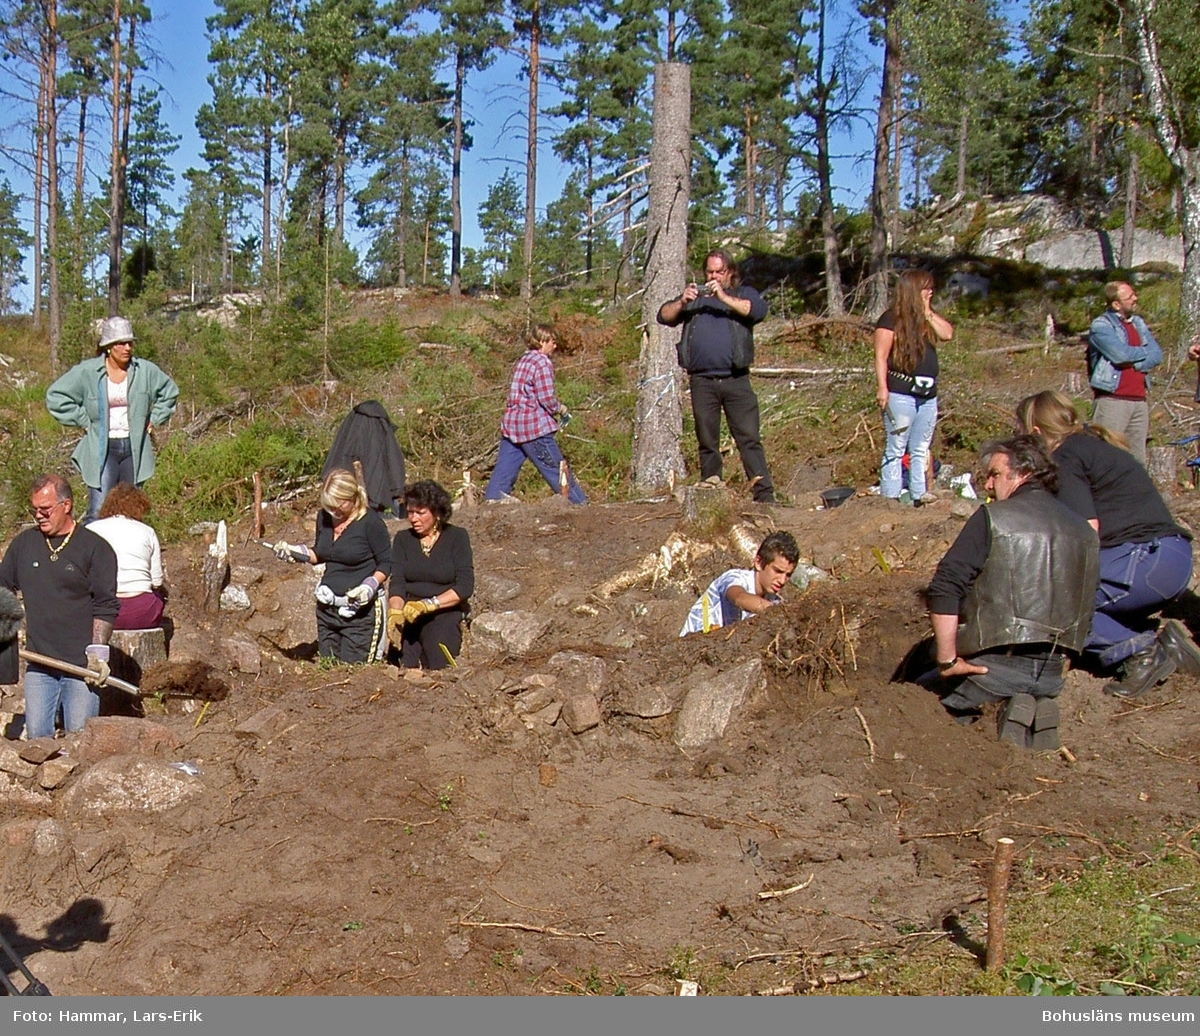 Arkeologisk undersökning av husgrund på resandeboplatsen Snarsmon 2004. På bilden pågår undersökning av det större bostadshuset. Foto: Lars-Erik Hammar, Bohusläns museum.